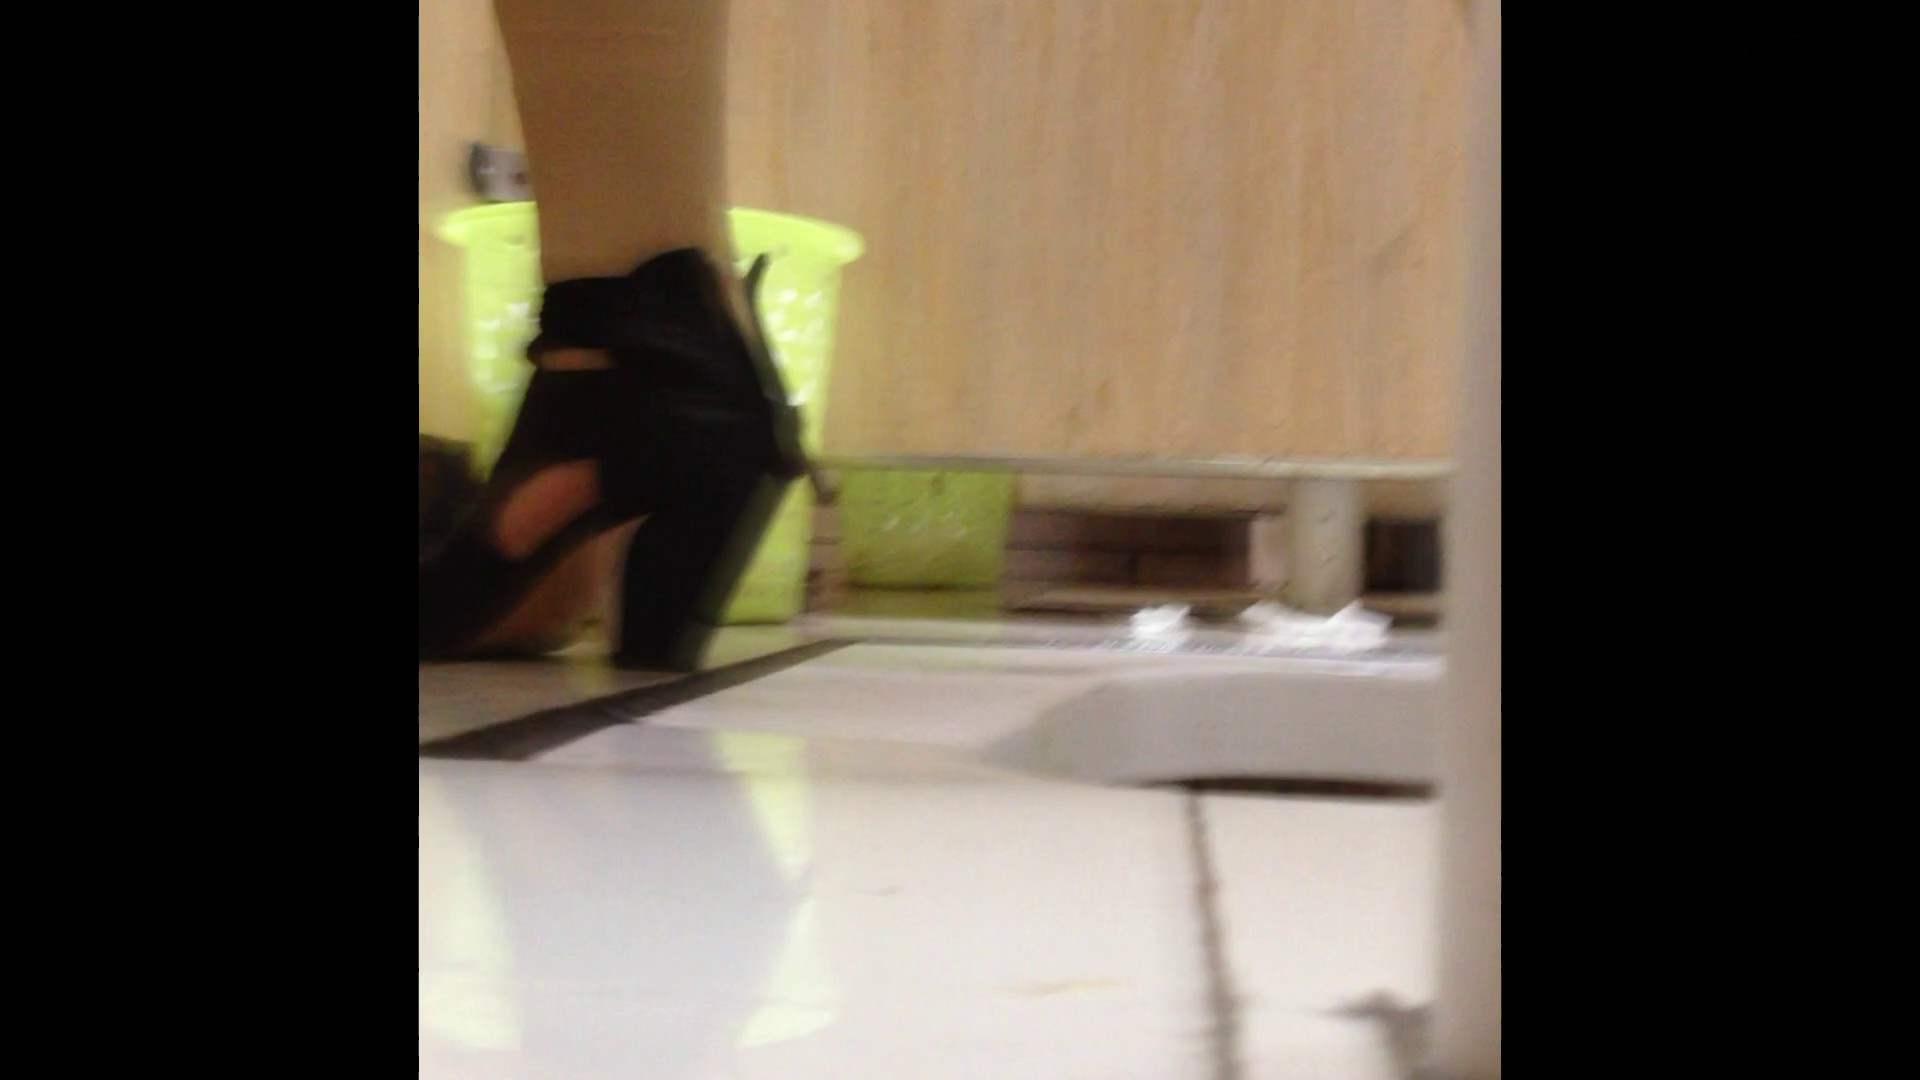 芸術大学ガチ潜入盗撮 JD盗撮 美女の洗面所の秘密 Vol.86 盗撮で悶絶 スケベ動画紹介 54画像 46